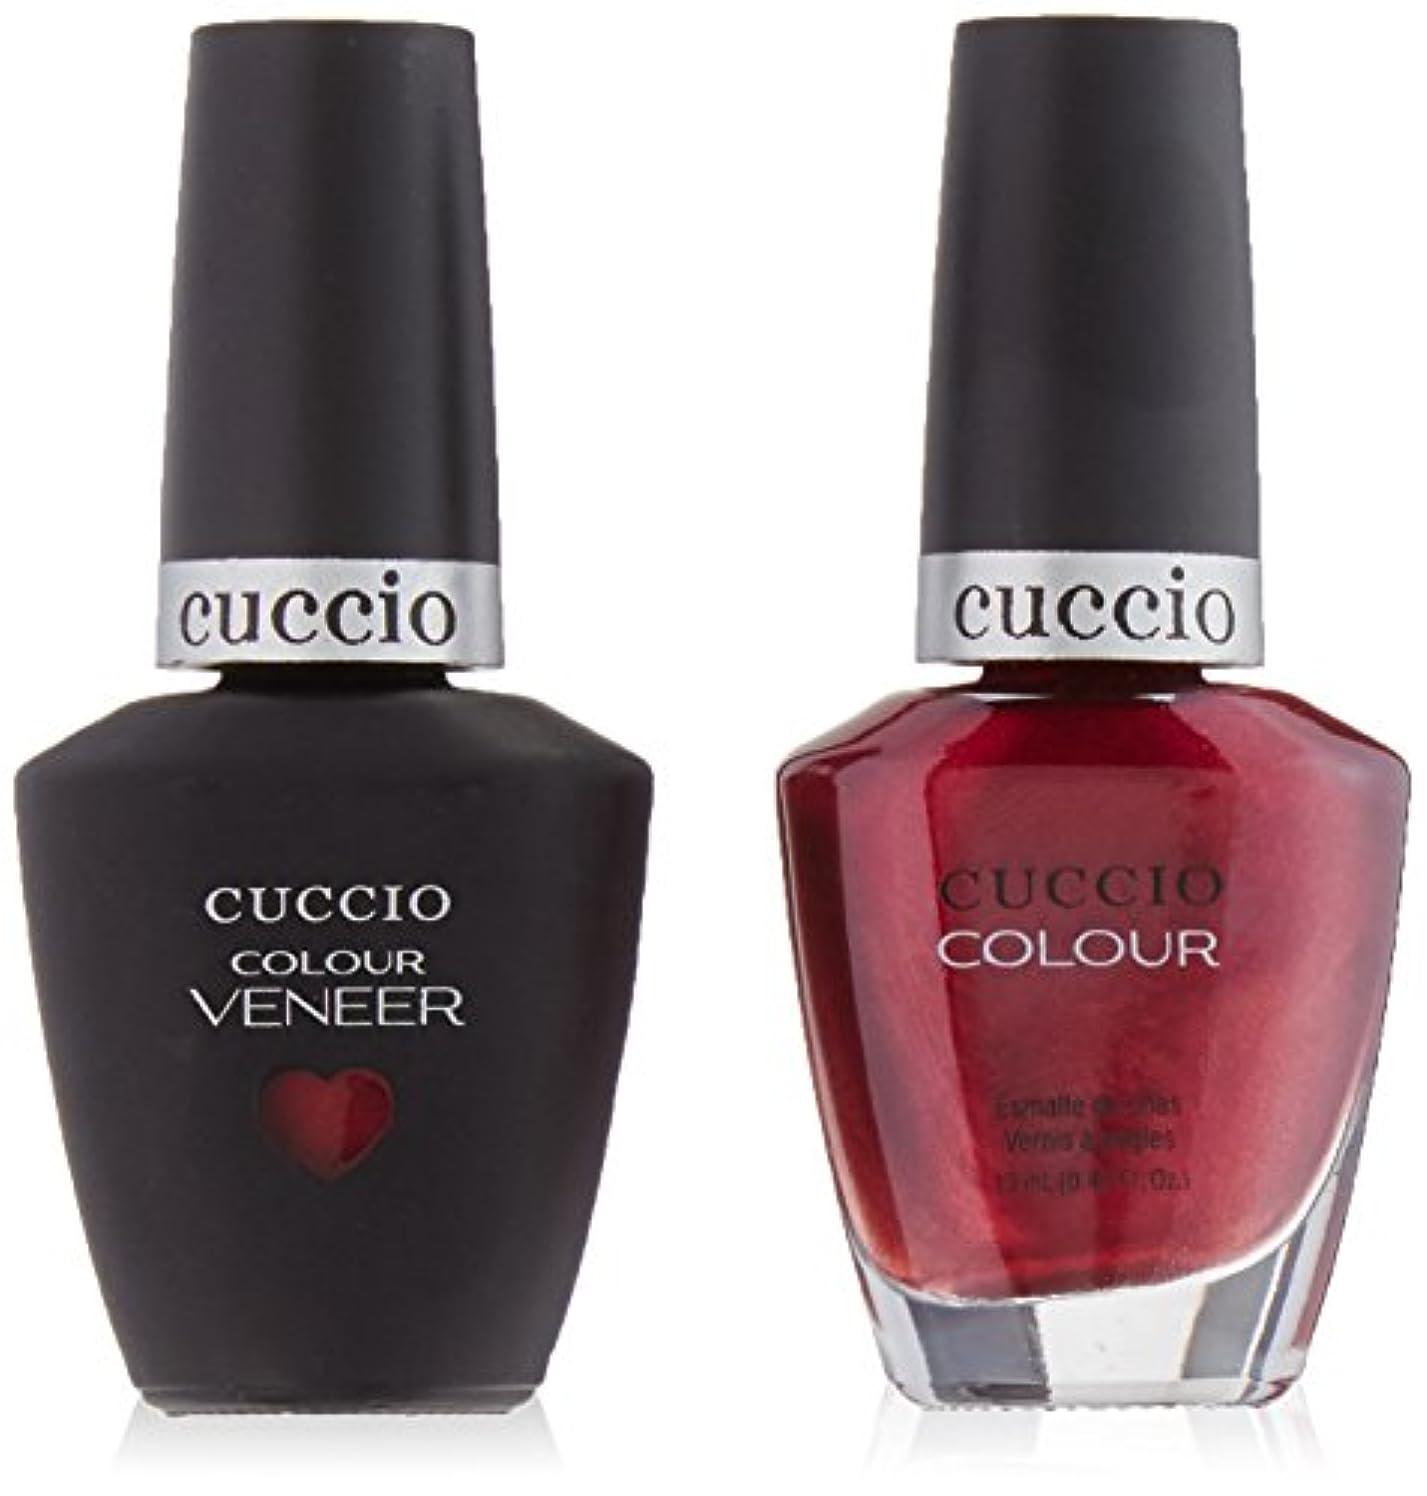 確かめる病者落ち着くCuccio MatchMakers Veneer & Lacquer - Moscow Red Square - 0.43oz / 13ml Each